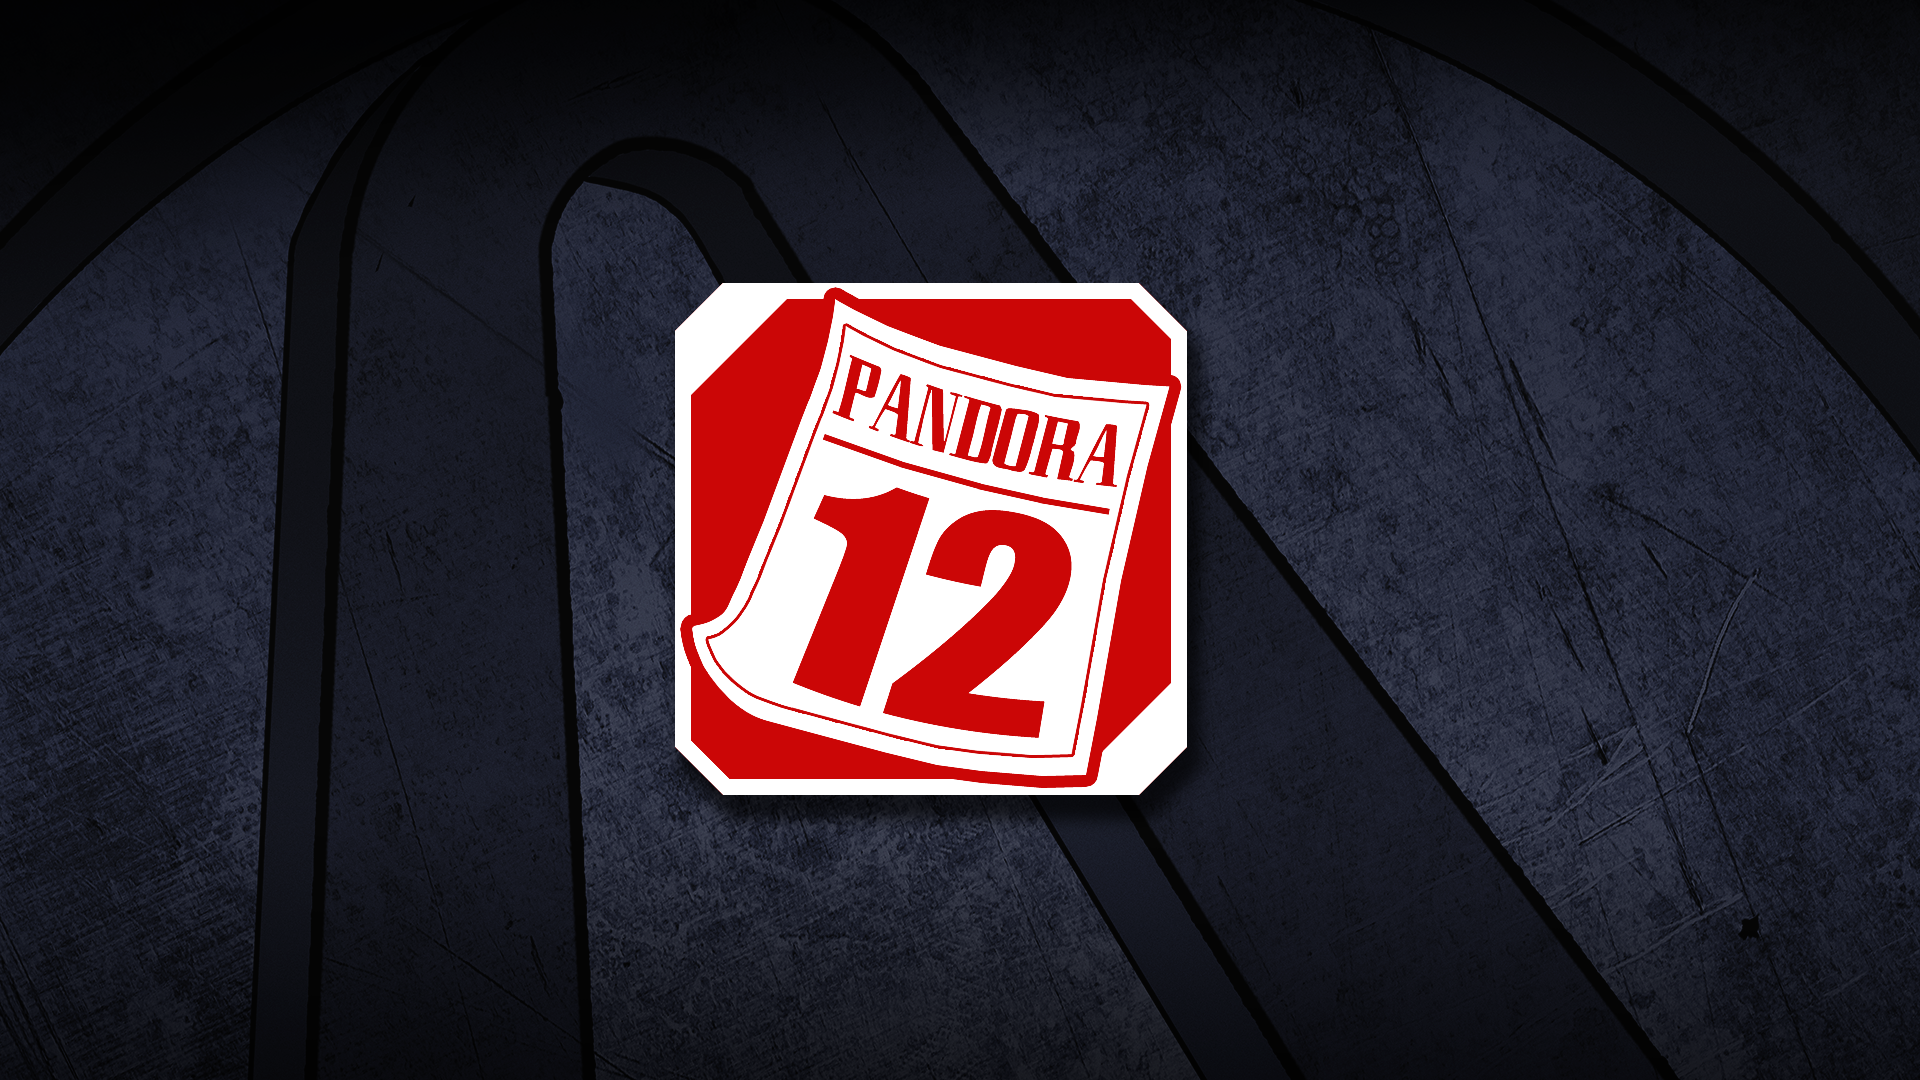 12 Days of Pandora